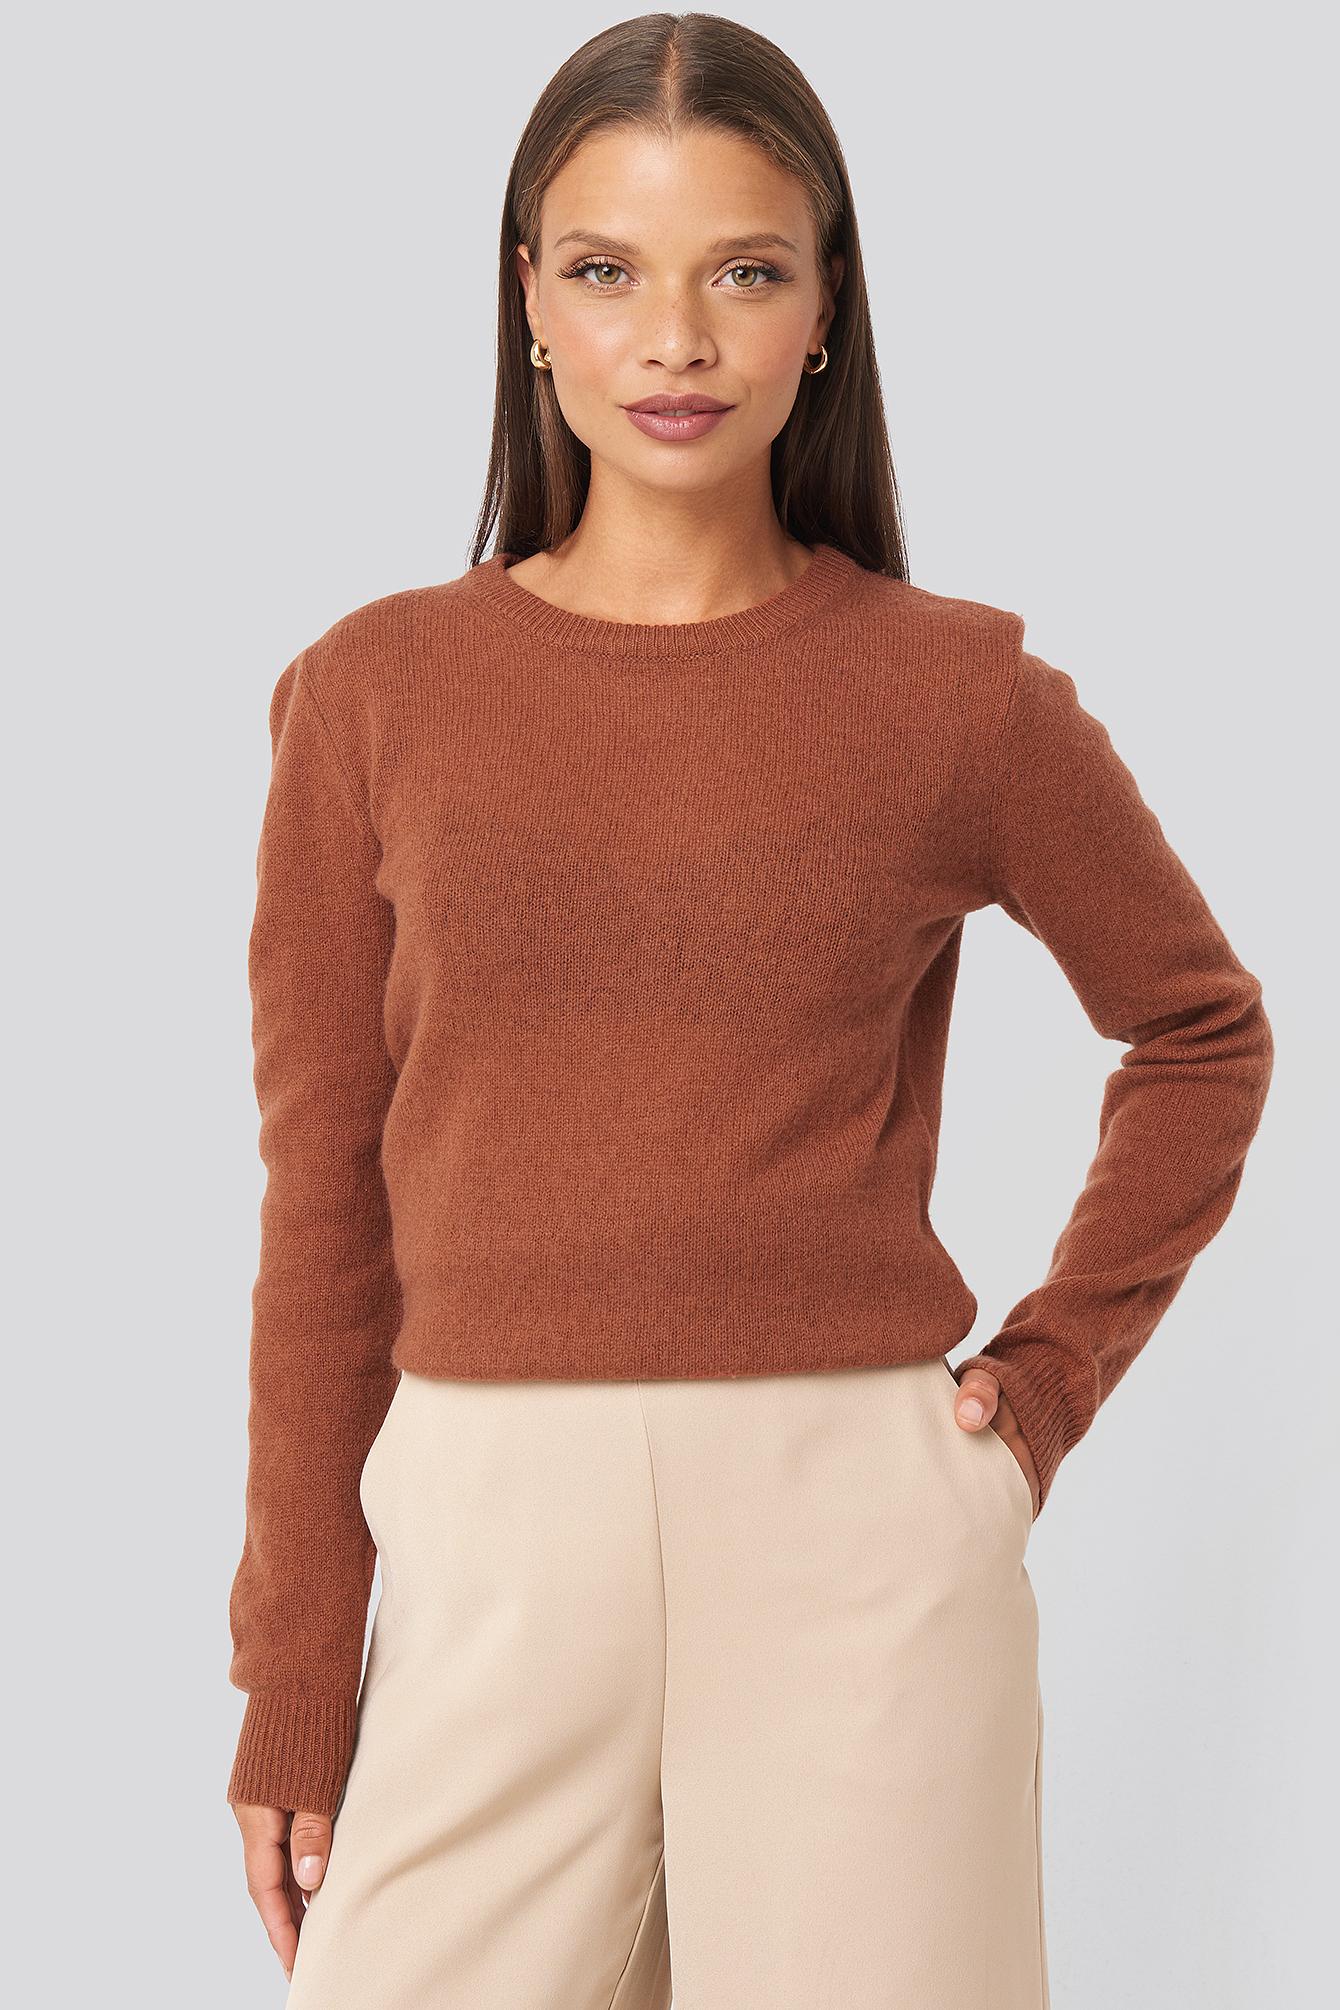 Sparkz Pure Cashmere O-Neck Pullover - Brown   Bekleidung > Pullover > Sonstige Pullover   Sparkz